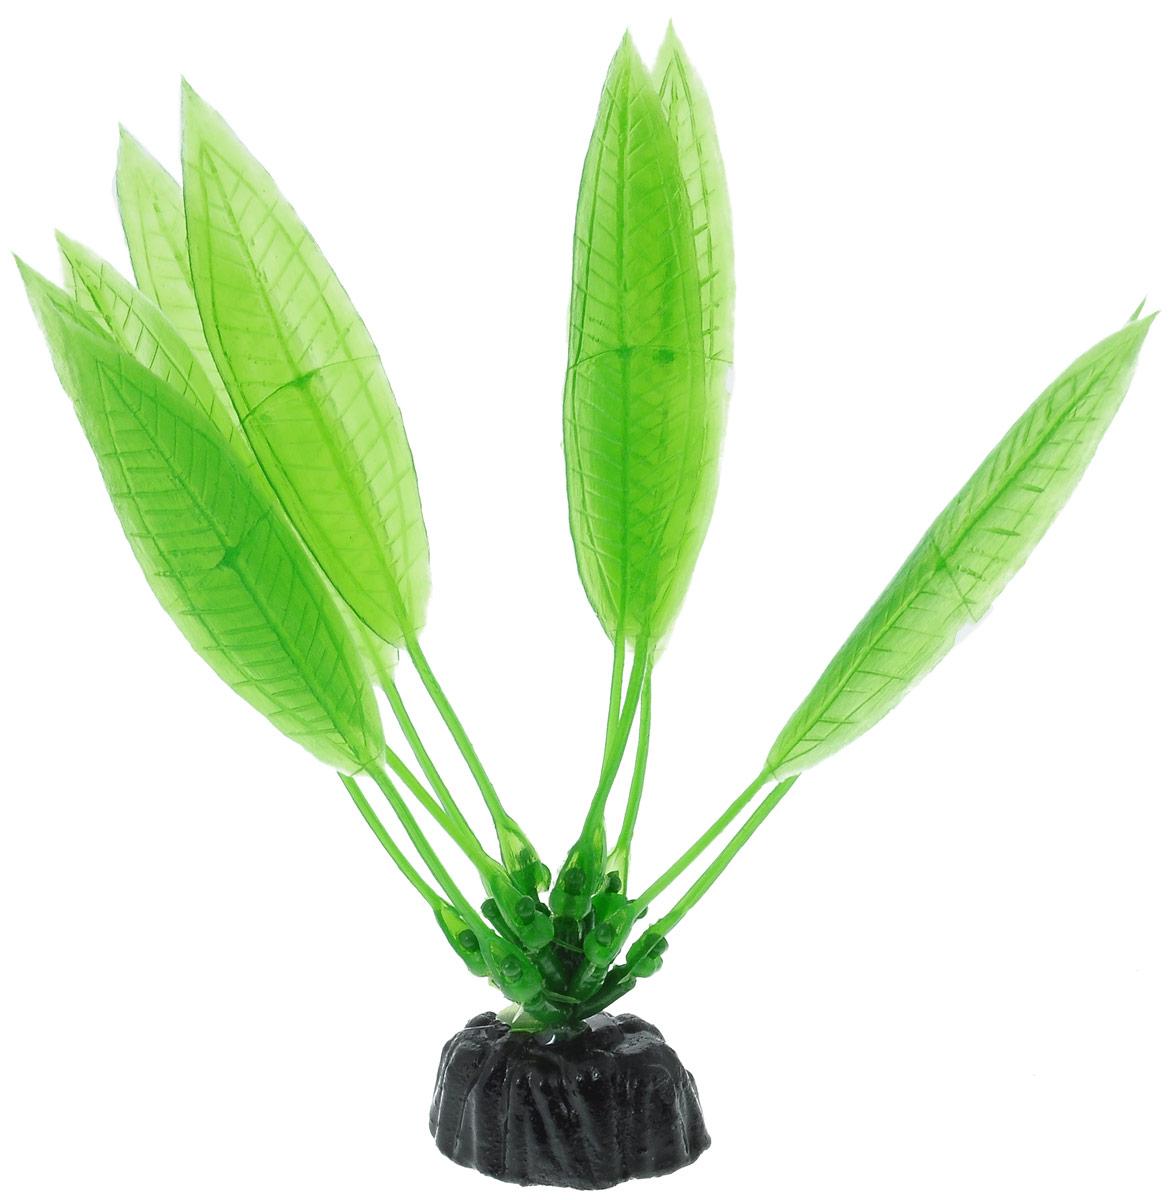 Растение для аквариума Barbus Эхинодорус амазонский, пластиковое, высота 10 см растение для аквариума barbus людвигия ползучая красная пластиковое высота 30 см